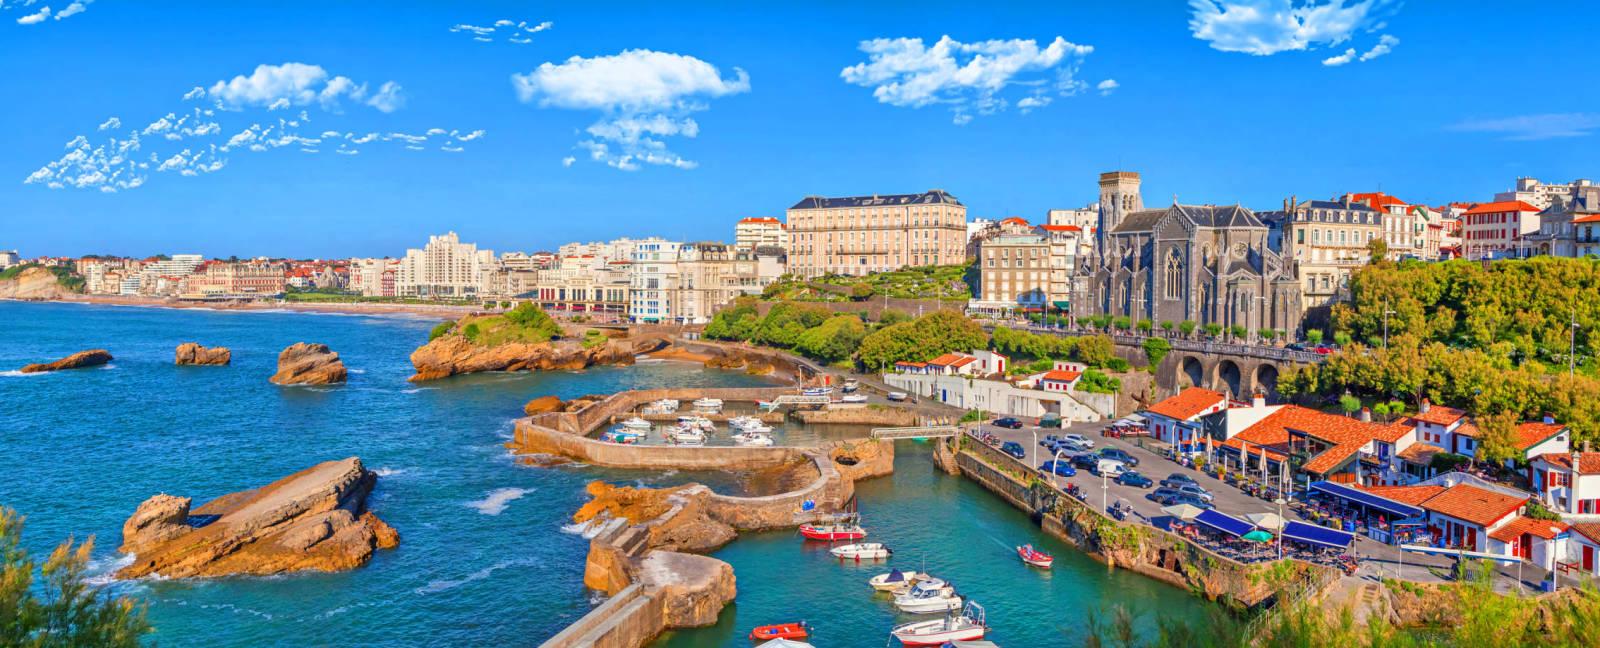 Biarritz, San Juan de Luz, Hondarribia y San Sebastián